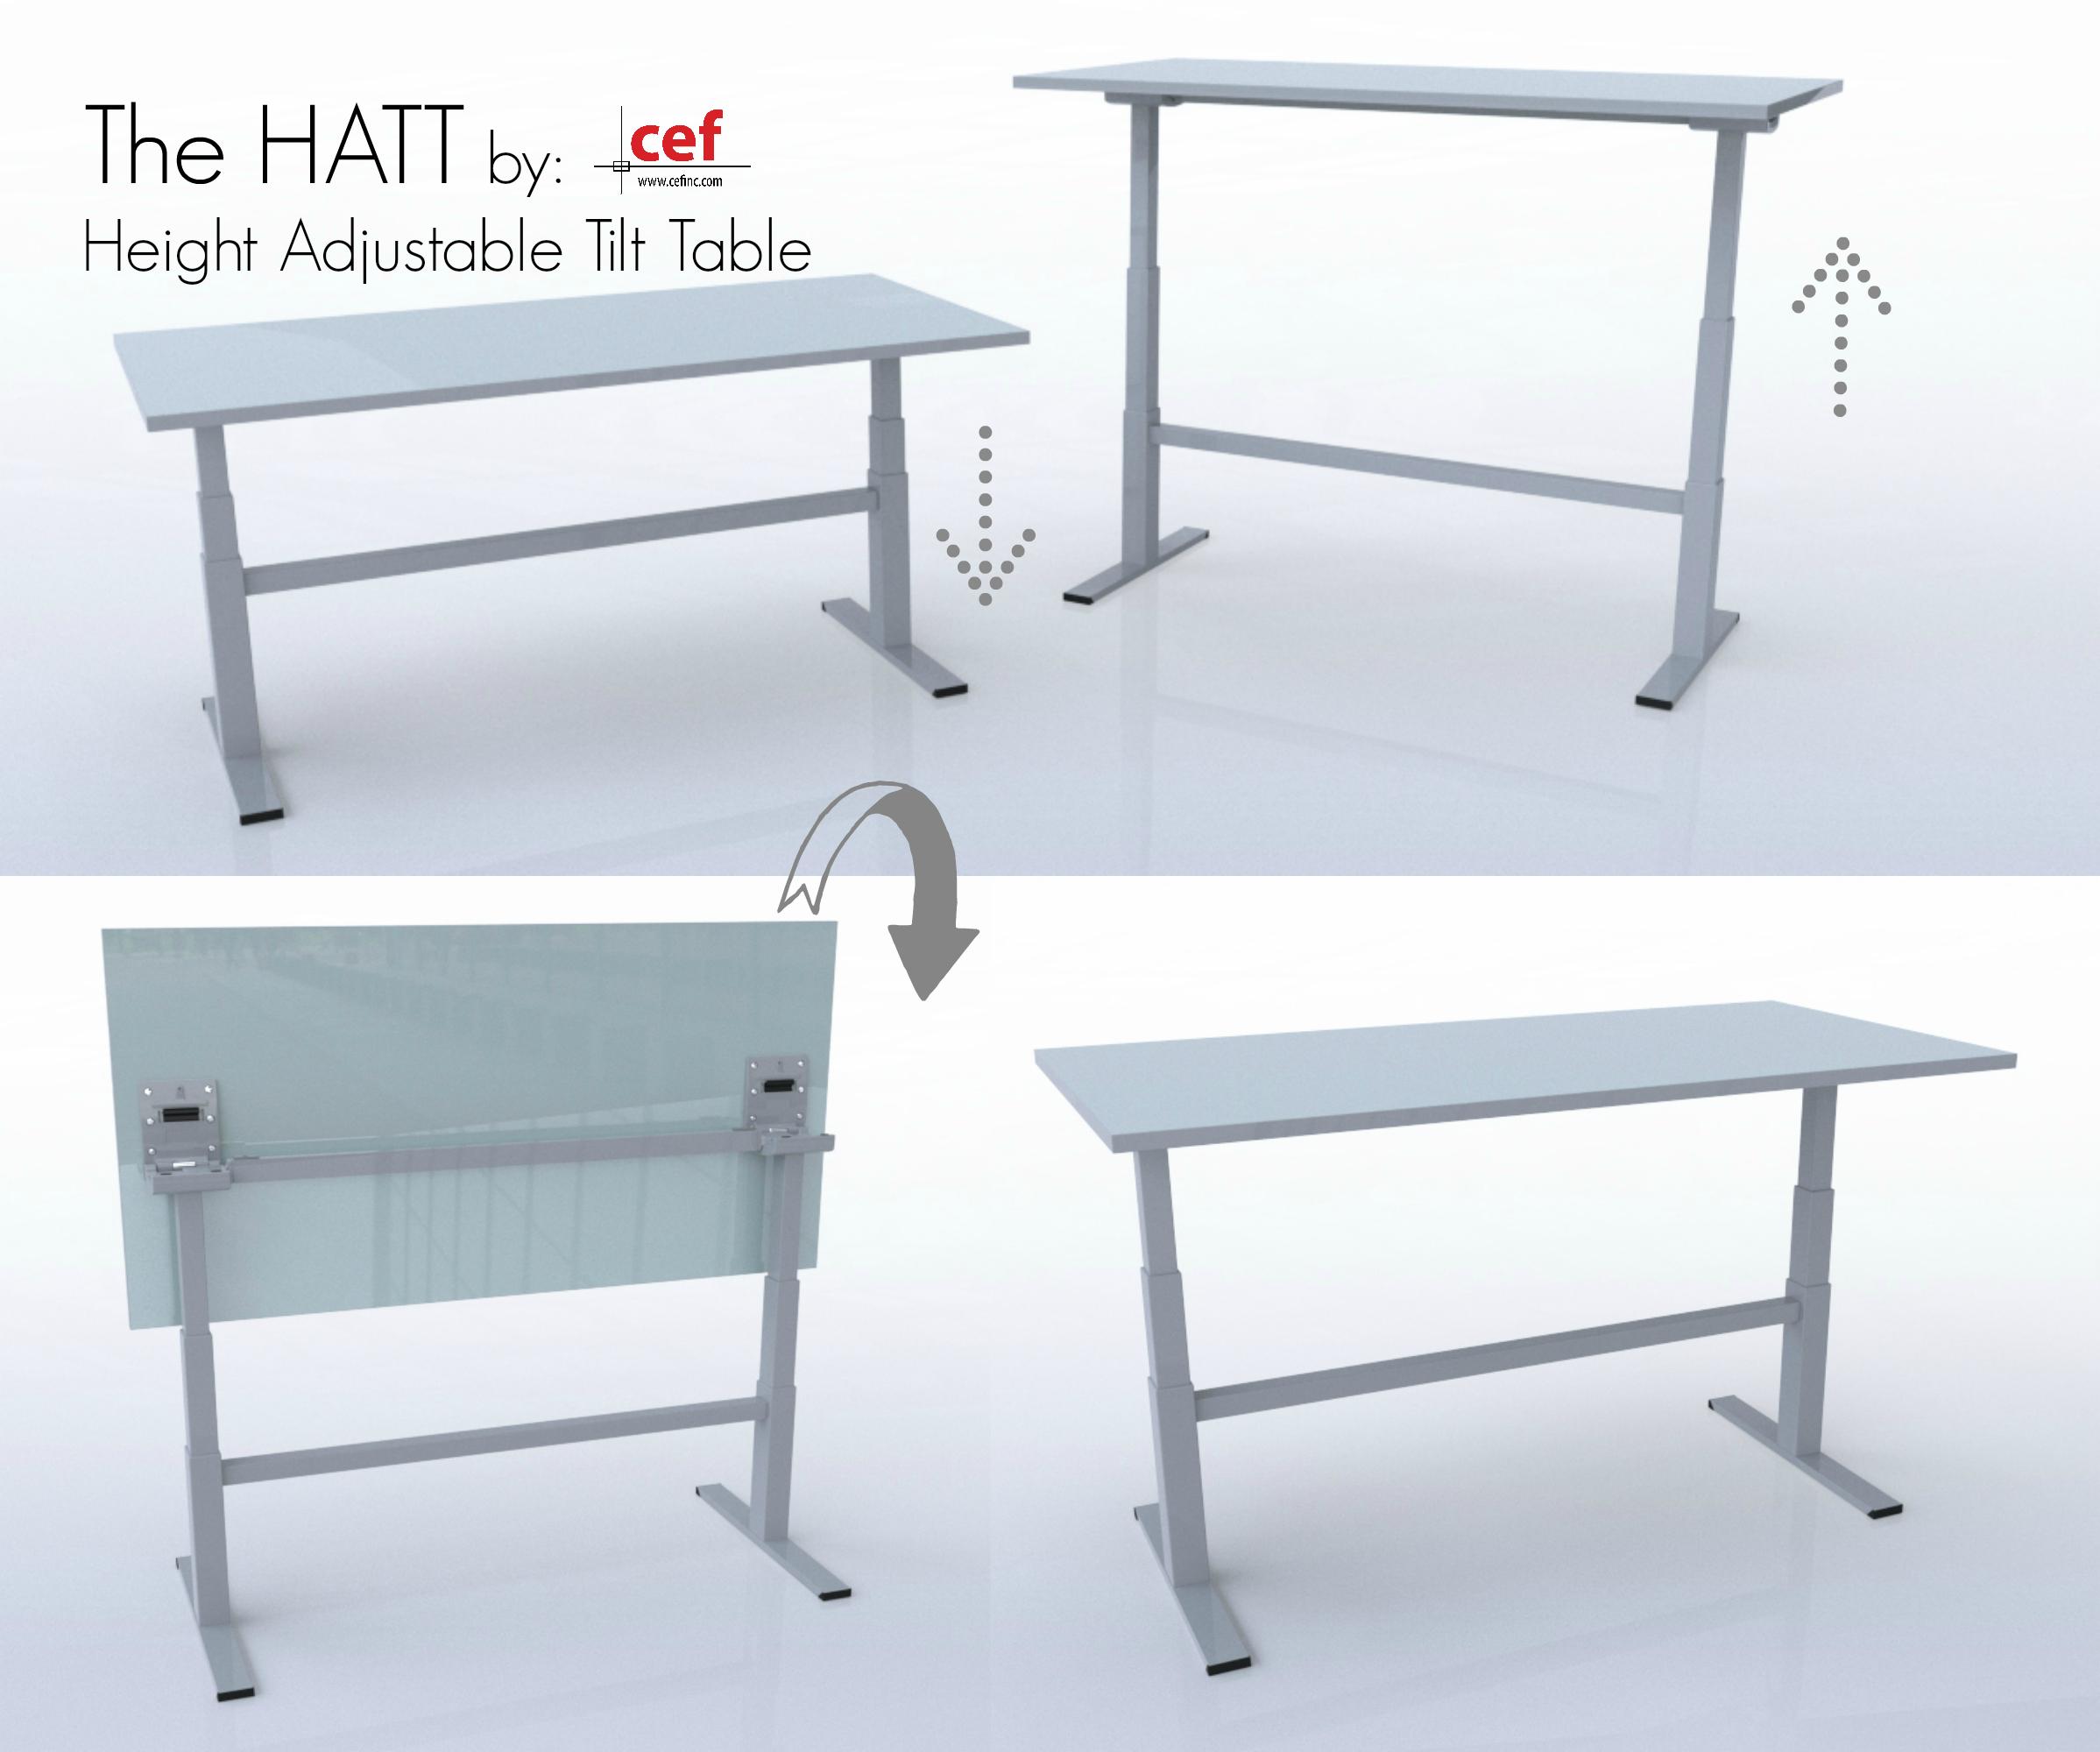 CEF HATT-(Height Adjustable Tilt Table)